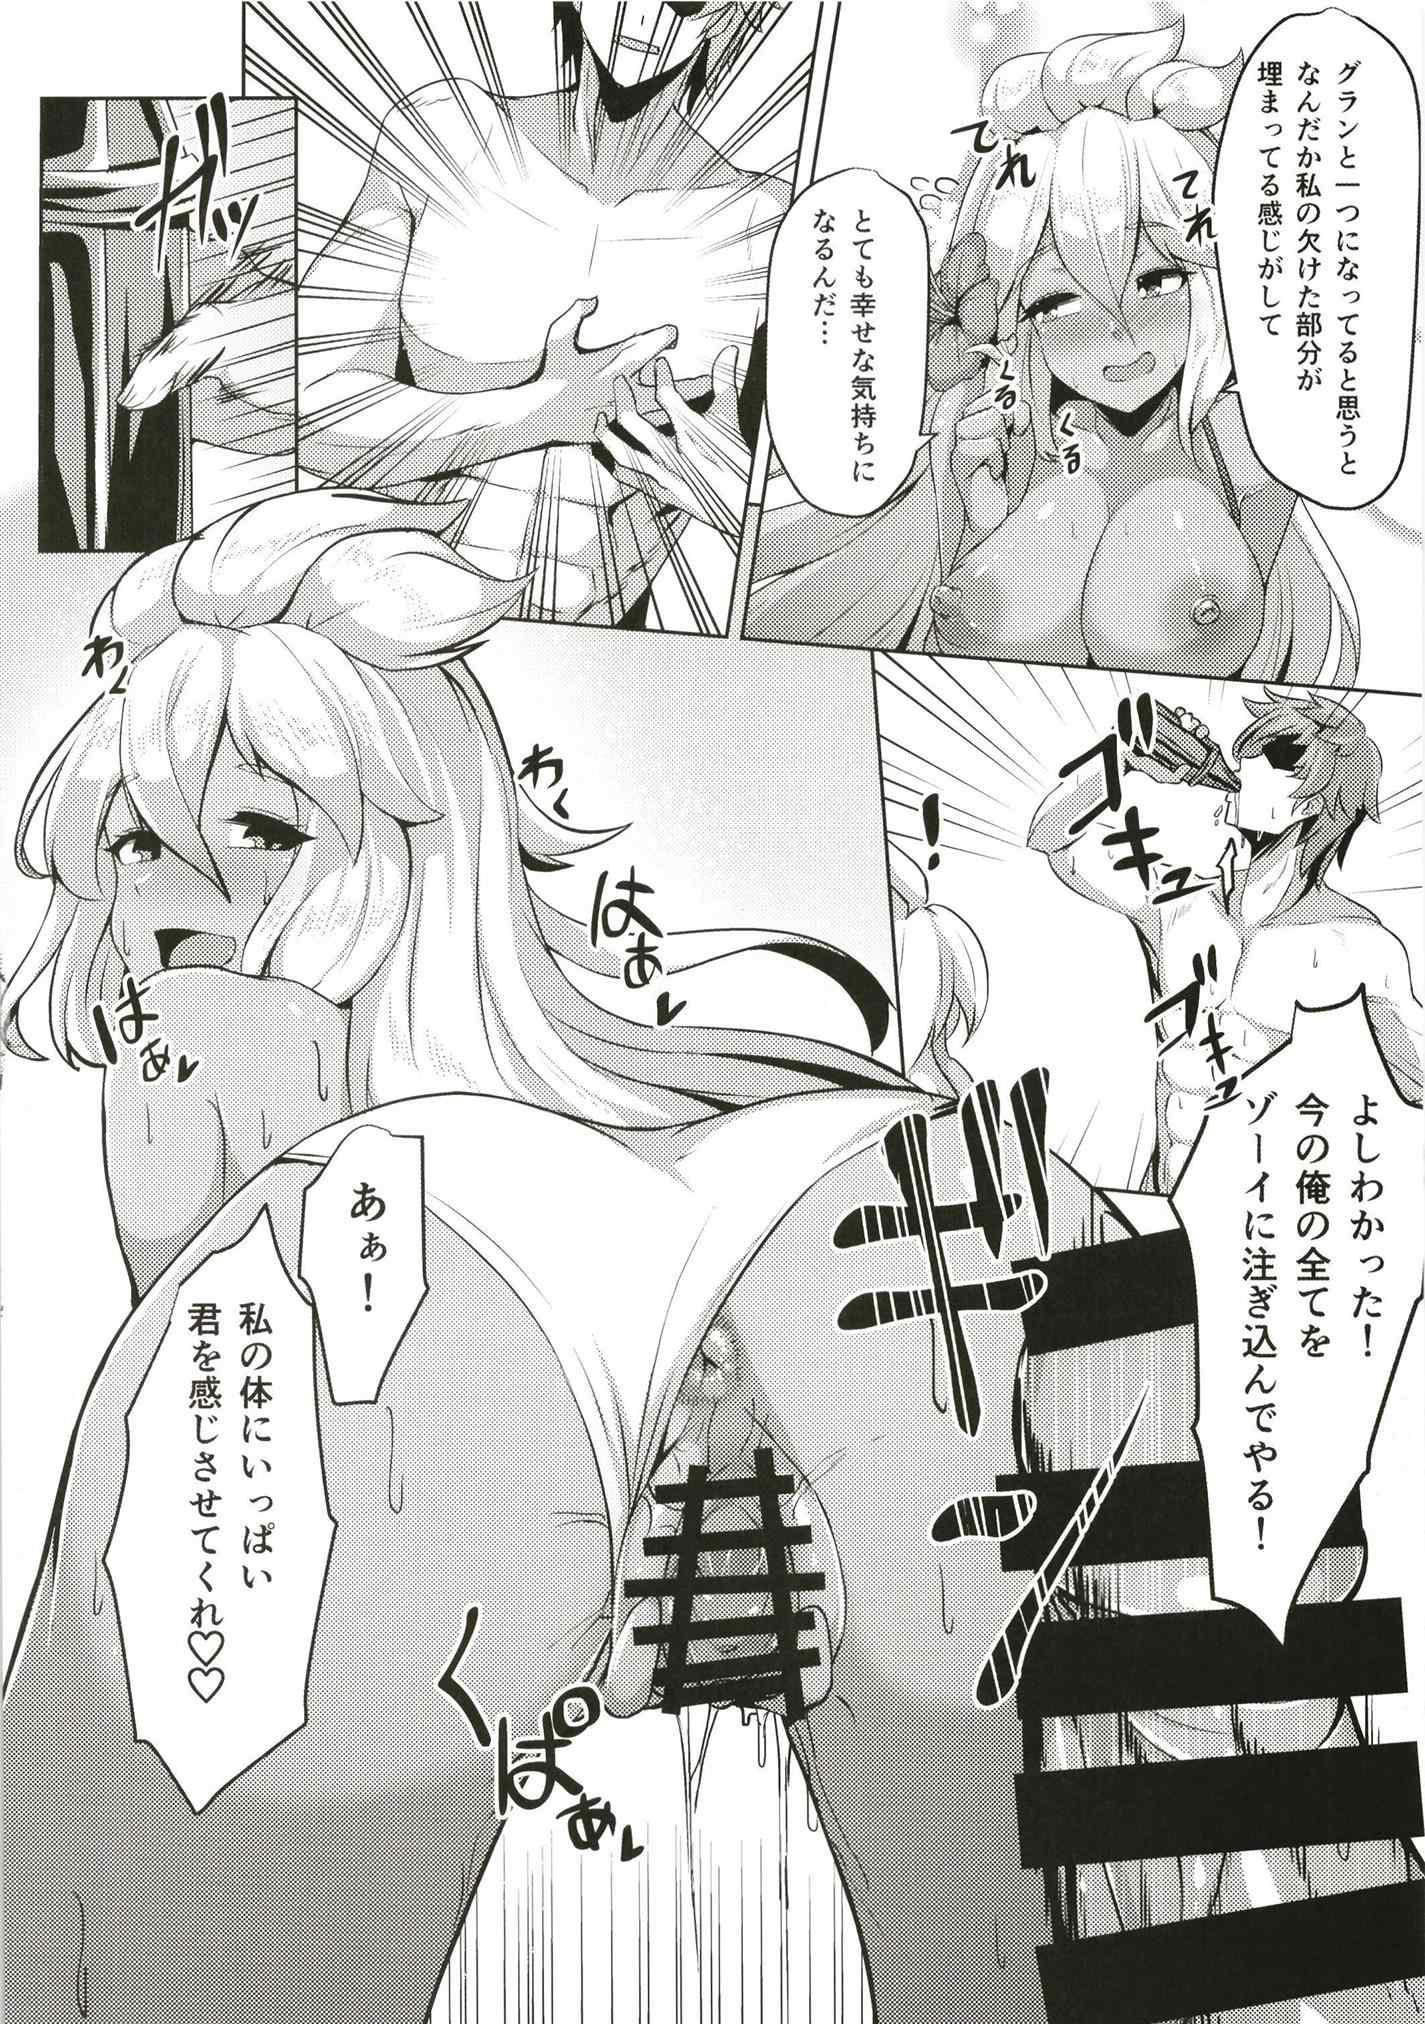 【グラブル エロ漫画・エロ同人】せっかく二人きりになれたんだからグランとセックスがしたいゾーイちゃんと望み通り生ハメwwww (17)